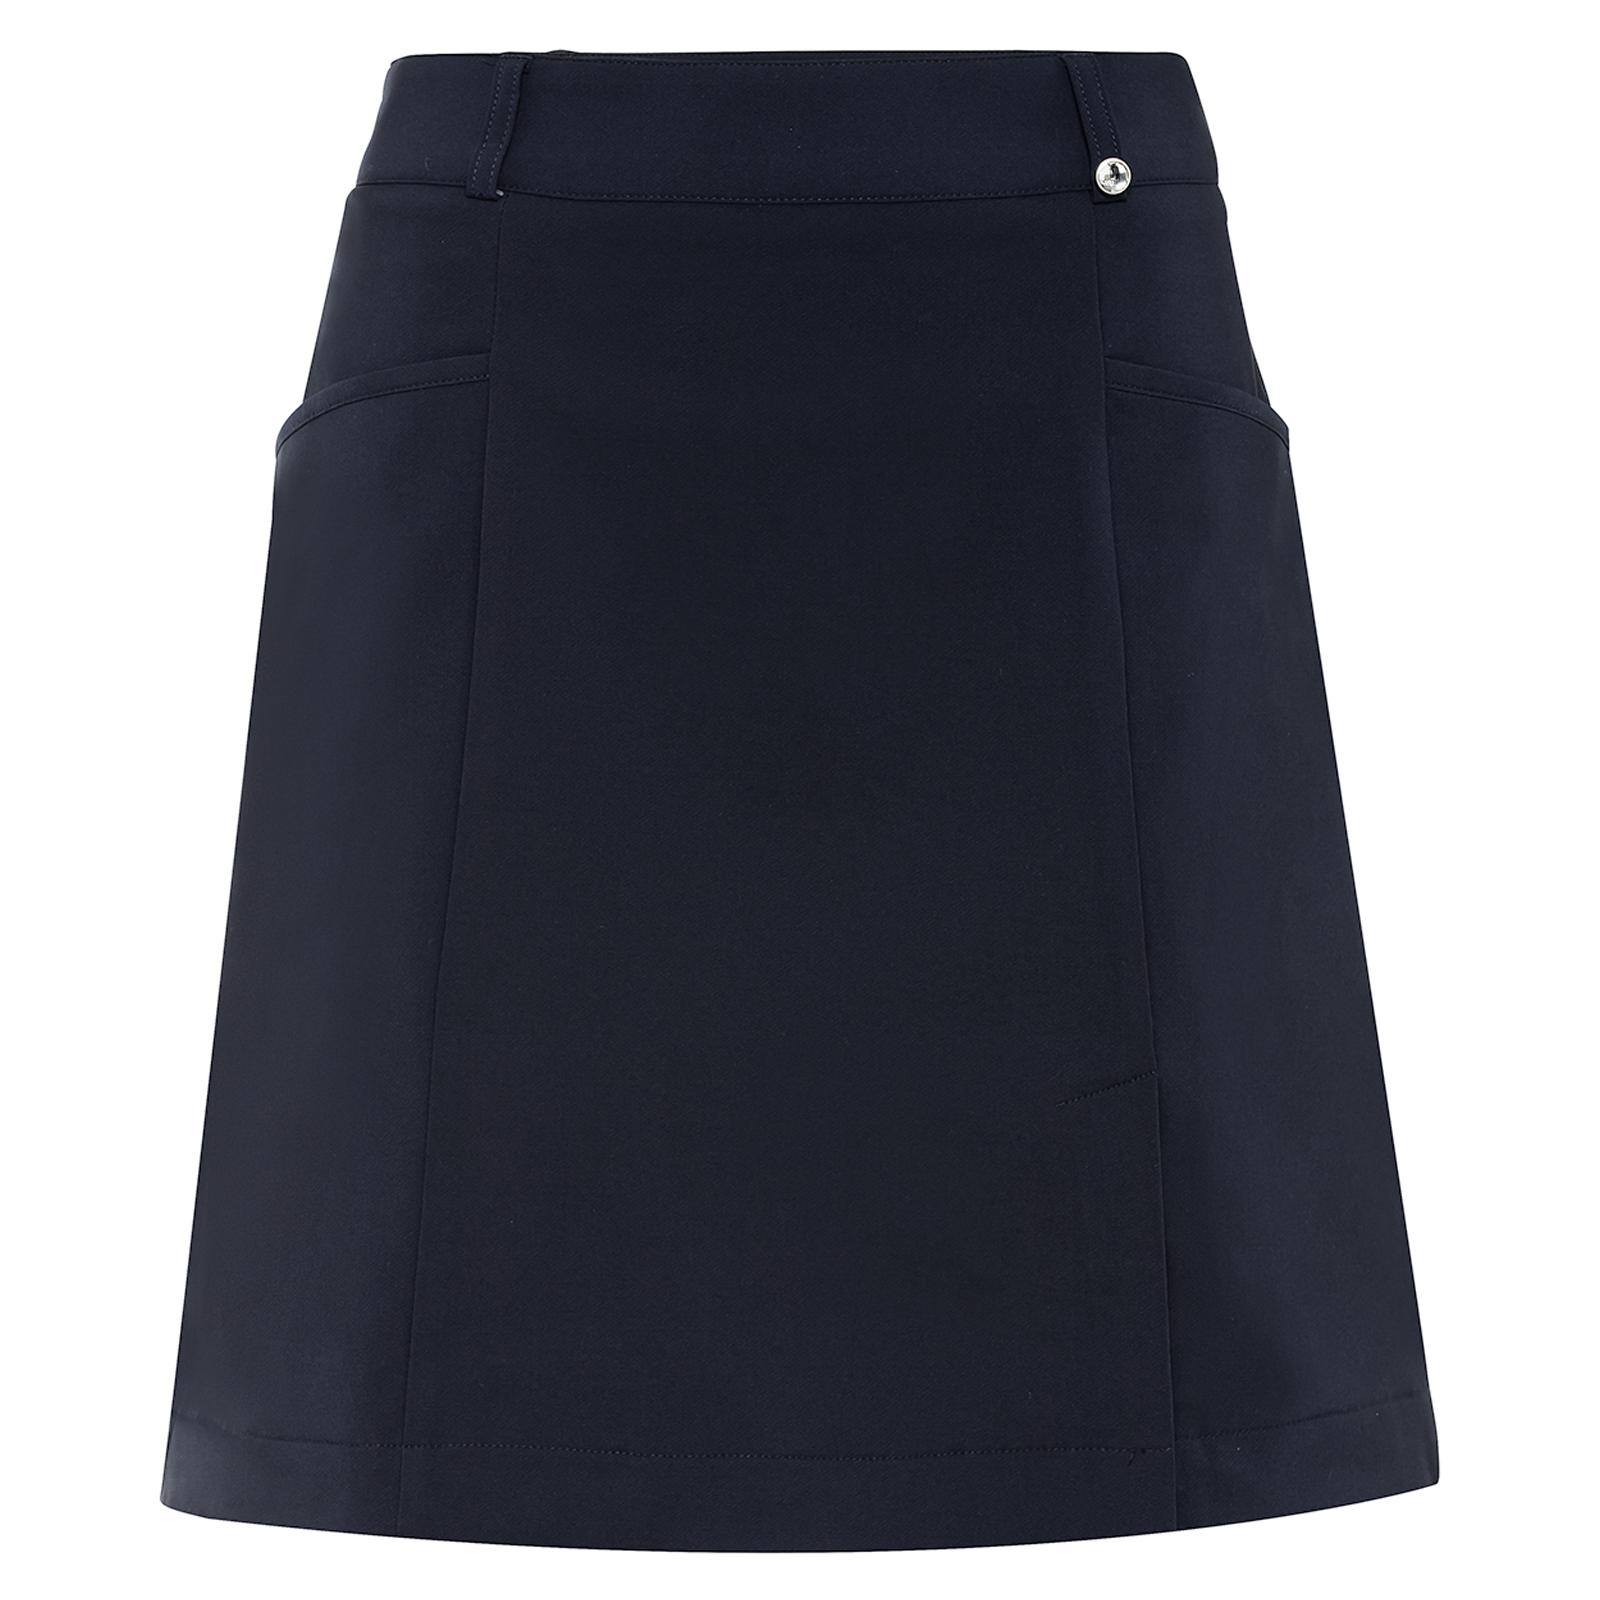 Damen Golfskort wasserabweisend mit Stretch Komfort in kurzer Länge